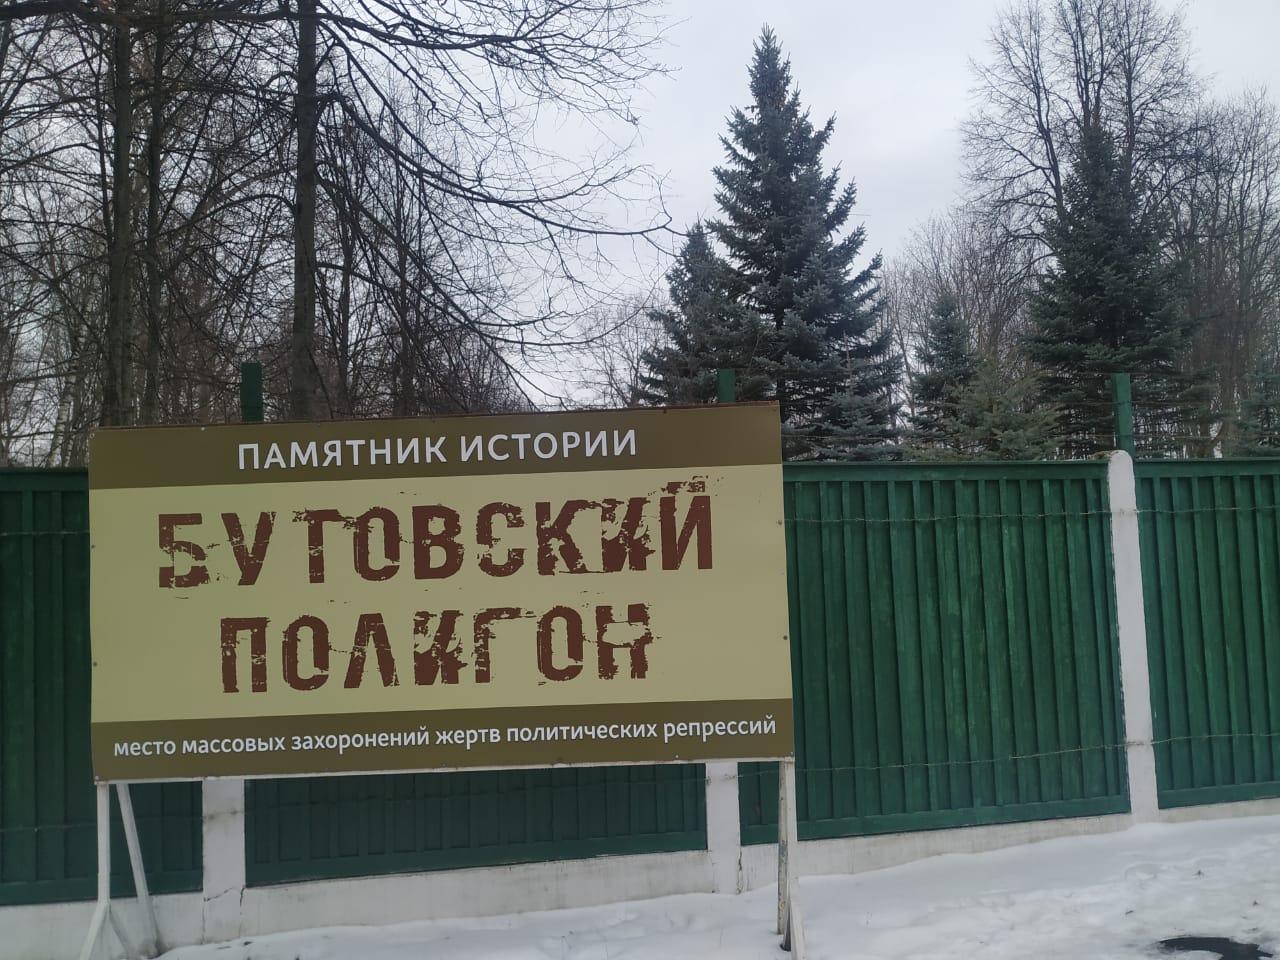 Botovo_18-Feb-2020_17